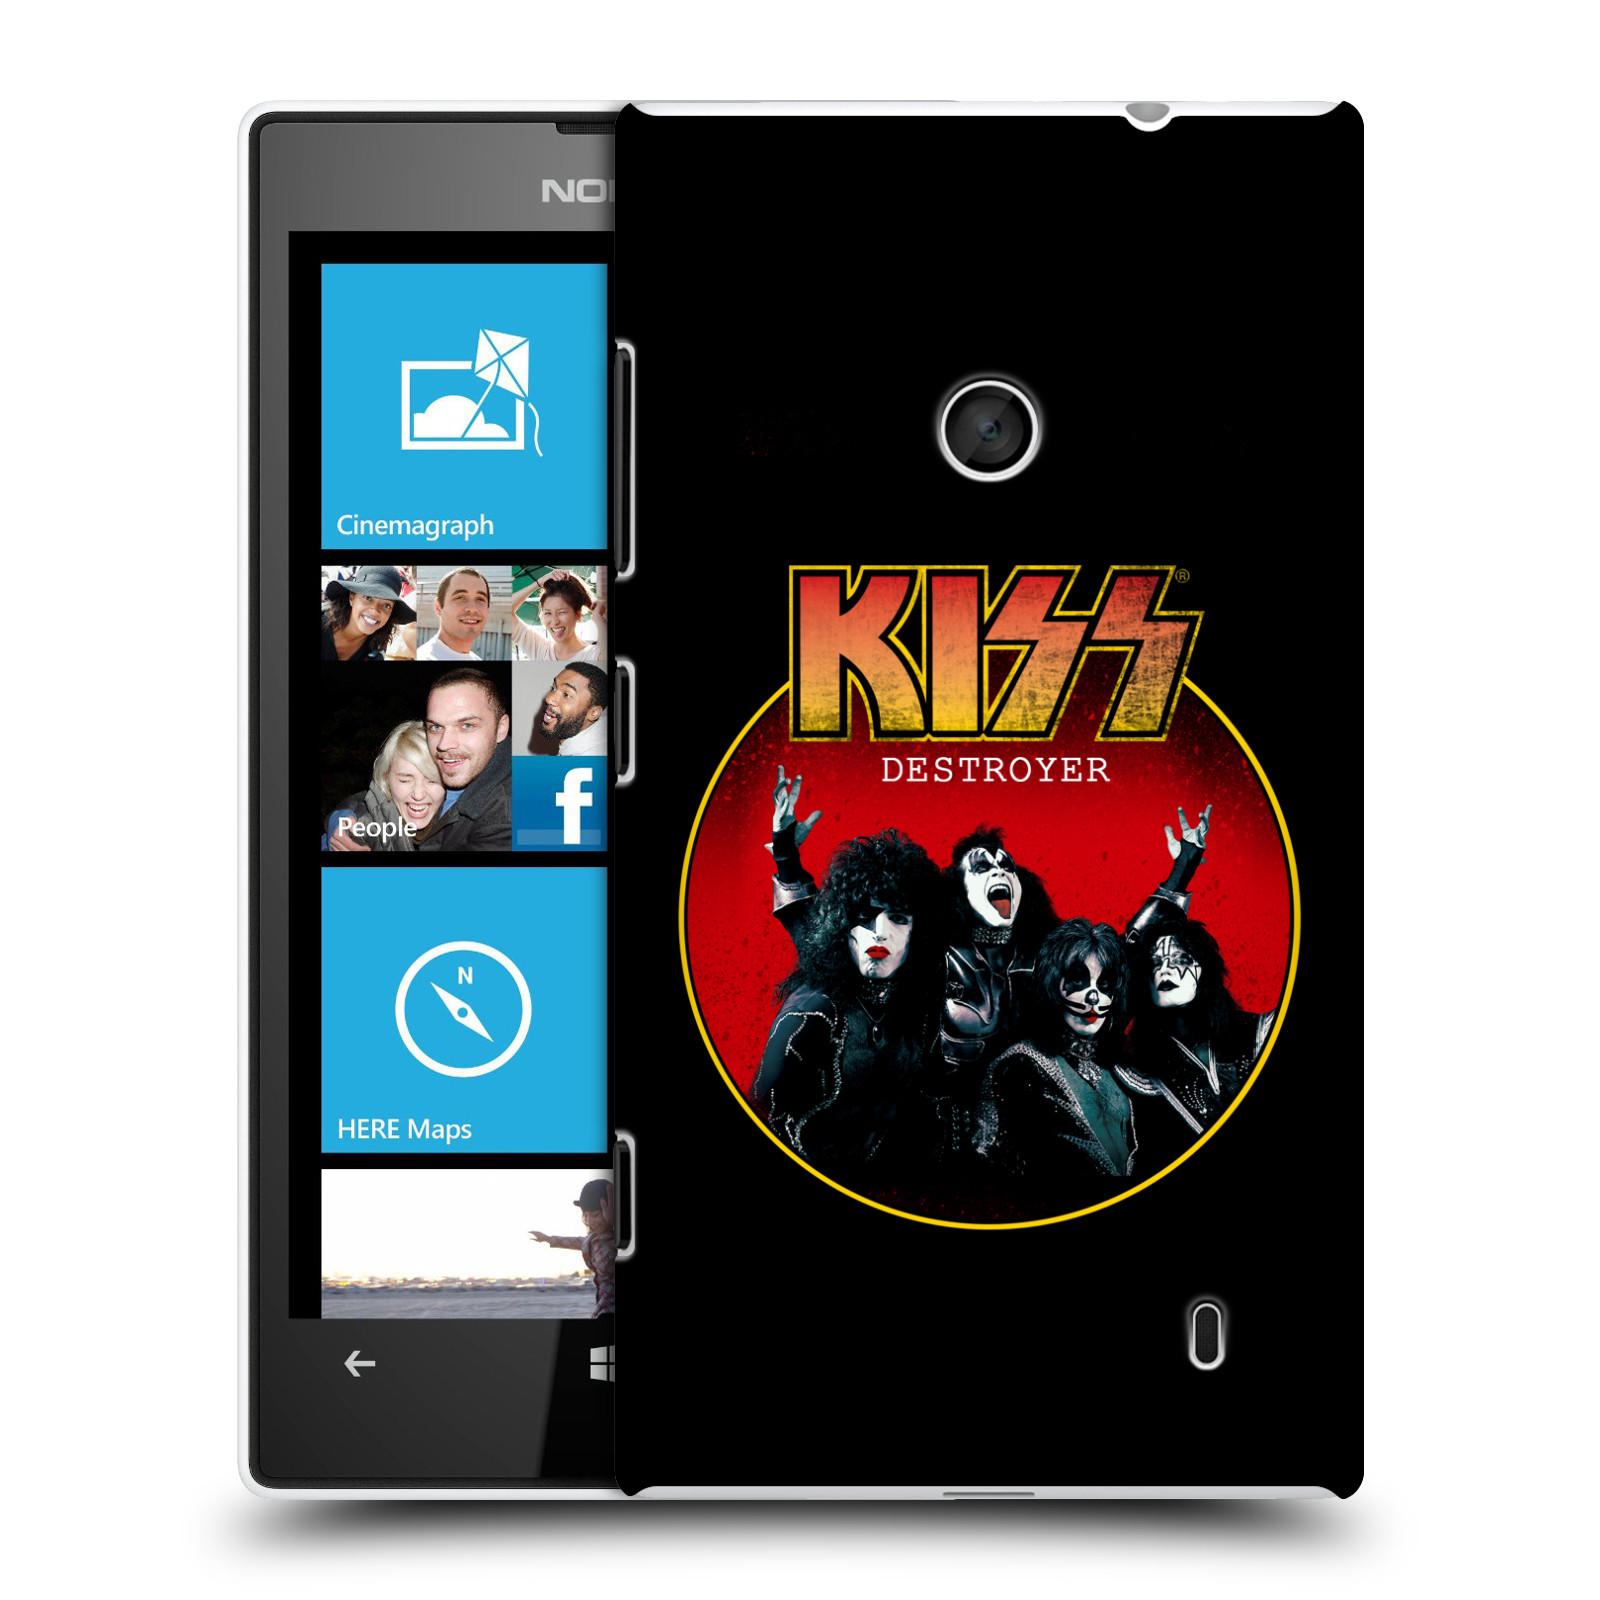 Plastové pouzdro na mobil Nokia Lumia 520 HEAD CASE - Kiss - Destroyer